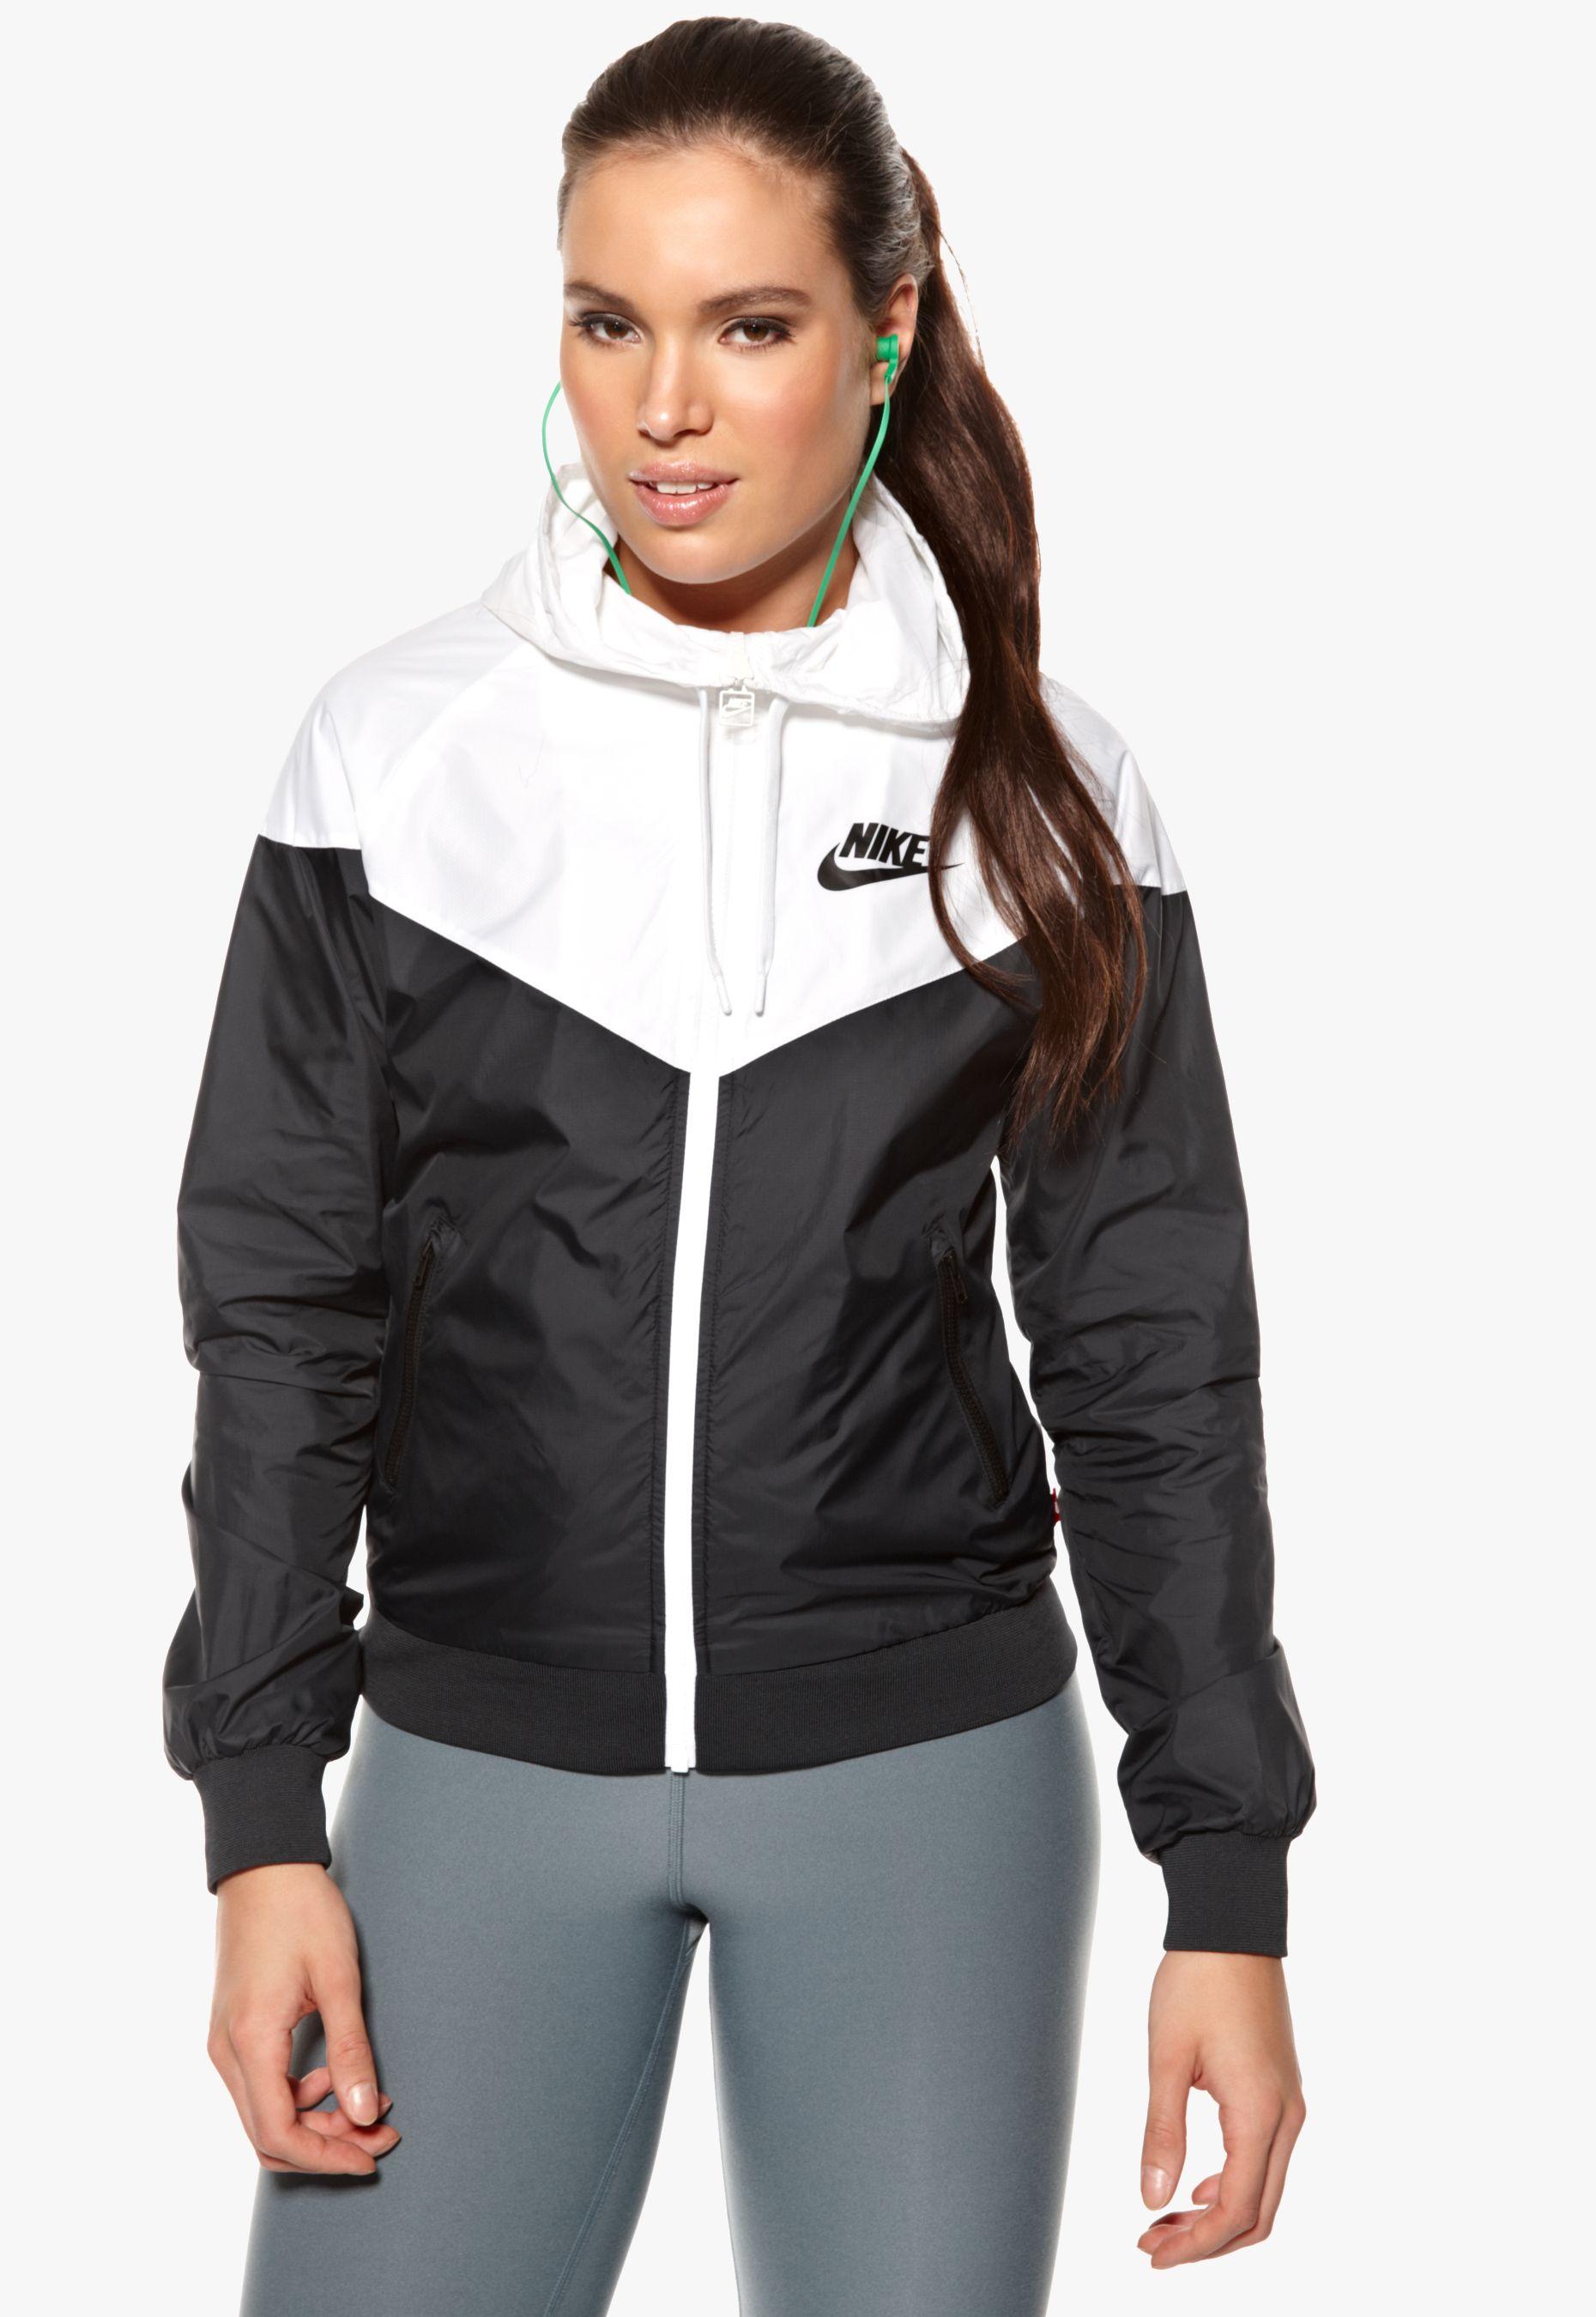 Nike Windrunner 011 Black/White - Bubbleroom